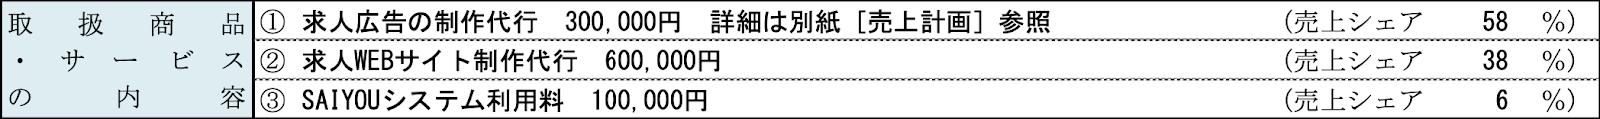 創業計画書・取扱商品サービスサンプル図